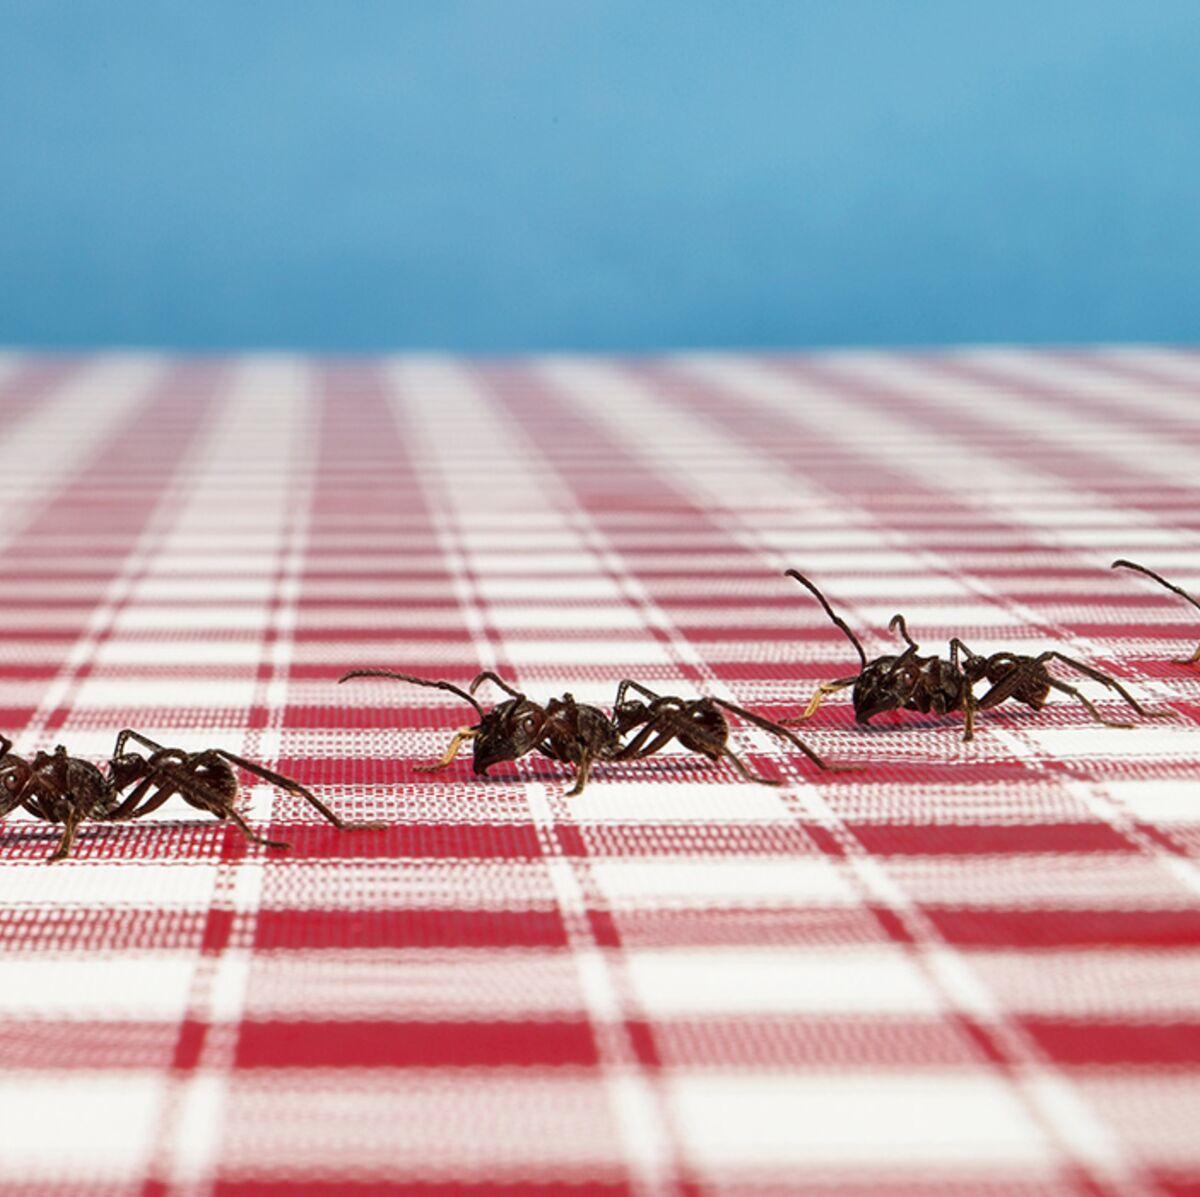 Astuces Naturelles Pour Se Débarrasser Des Fourmis 5 astuces naturelles pour en finir avec les fourmis : femme